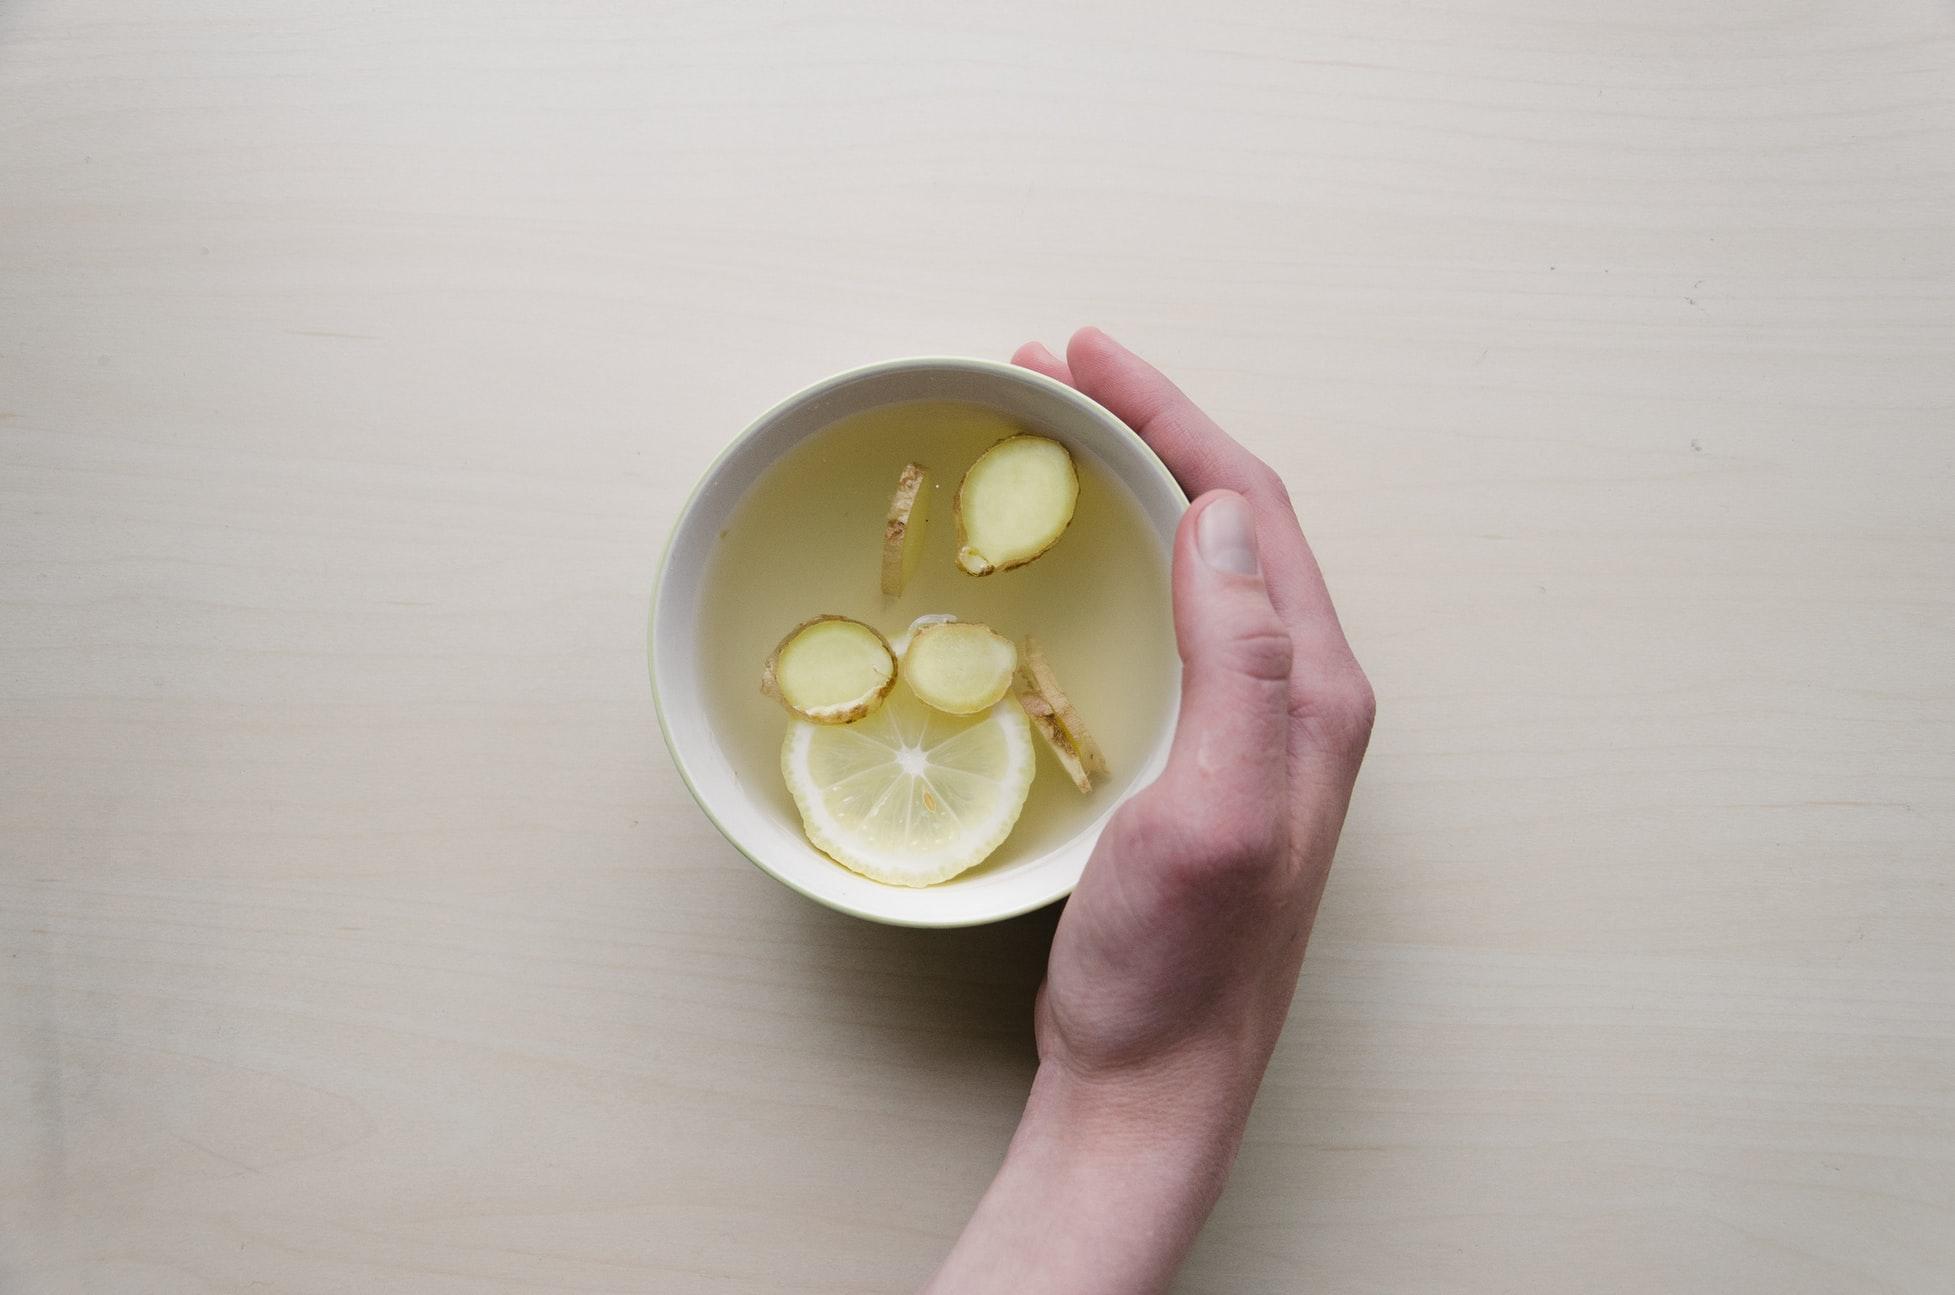 Diversifique o sabor da sua água e se mantenha hidratado!